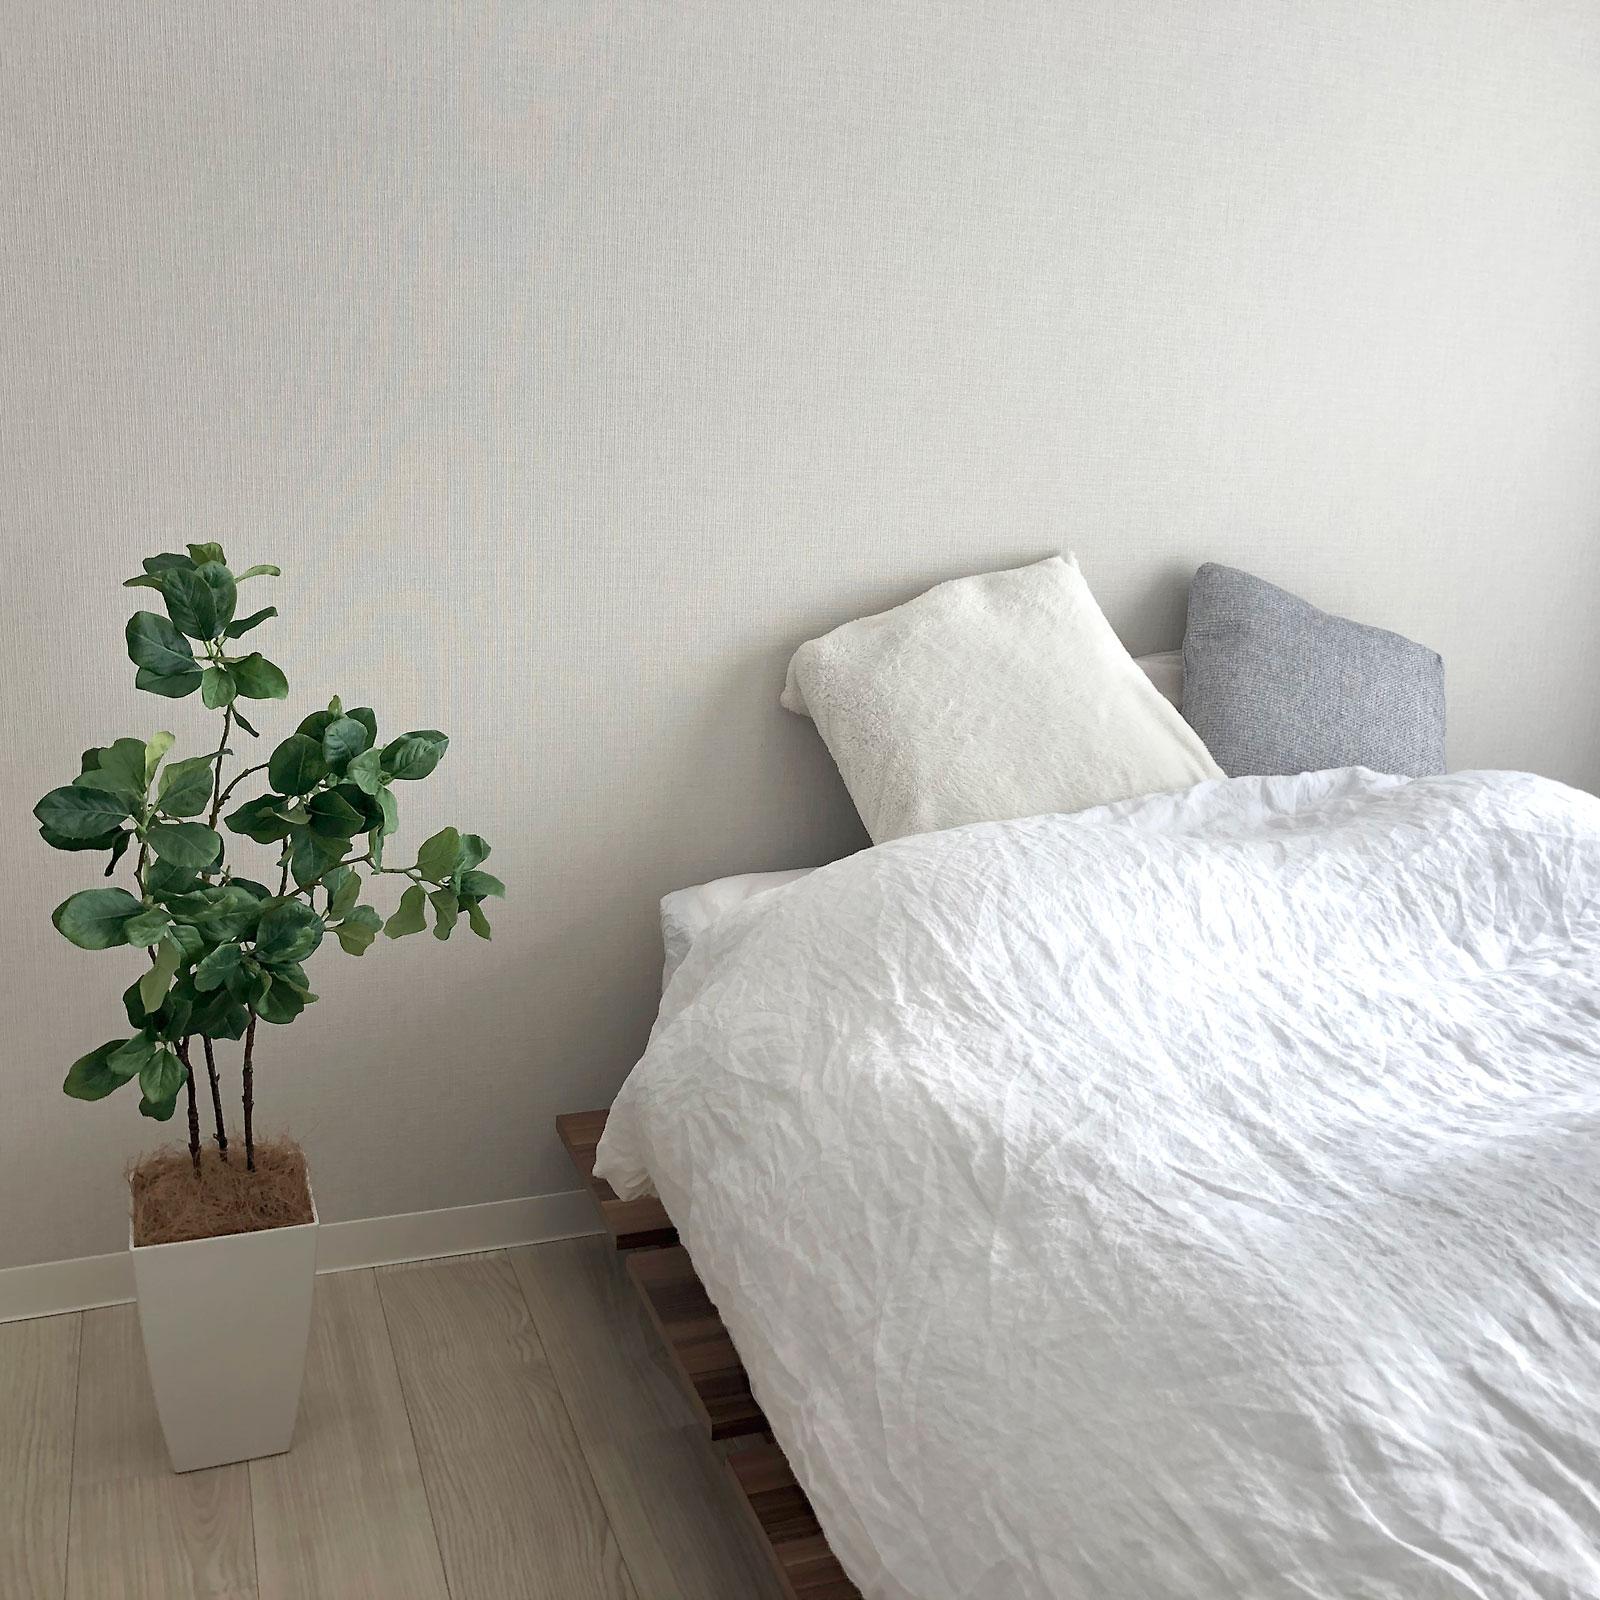 光触媒フェイクグリーン 造花 観葉植物は寝室にもおすすめです。